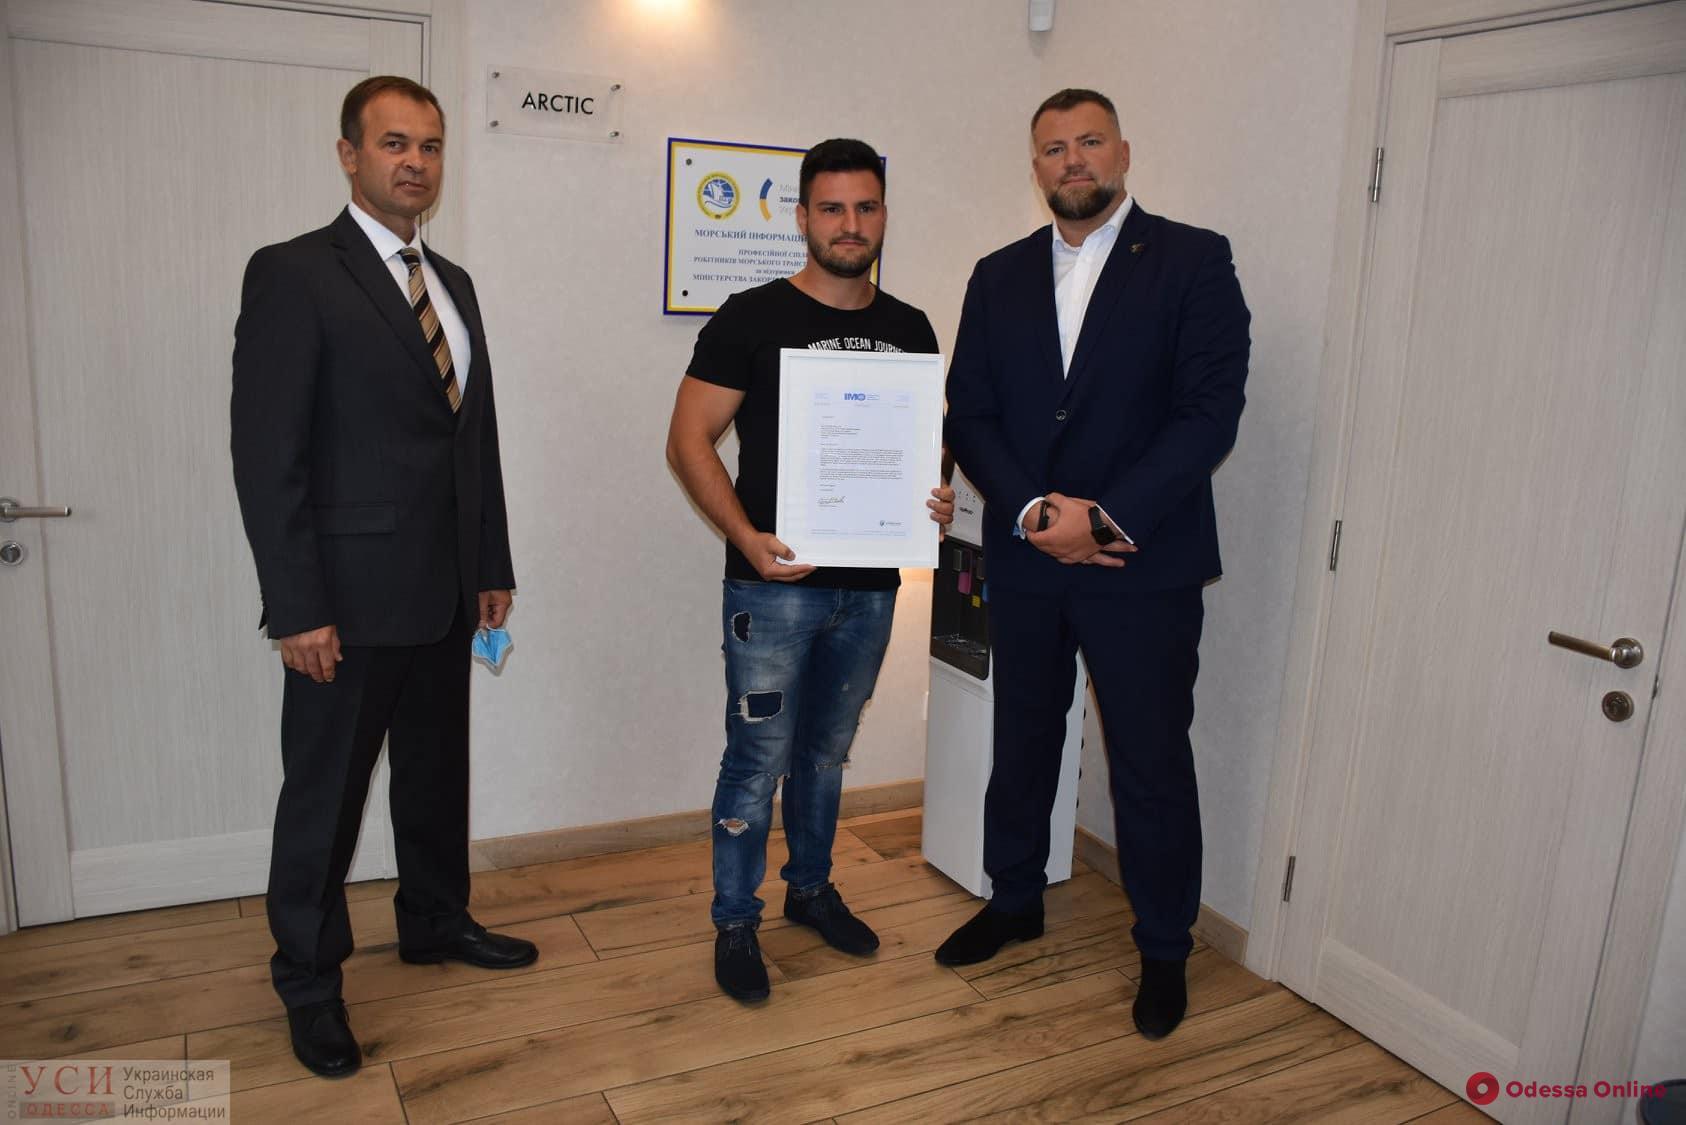 Международная морская организация наградила одесского моряка за проявленную решительность во время нападения пиратов